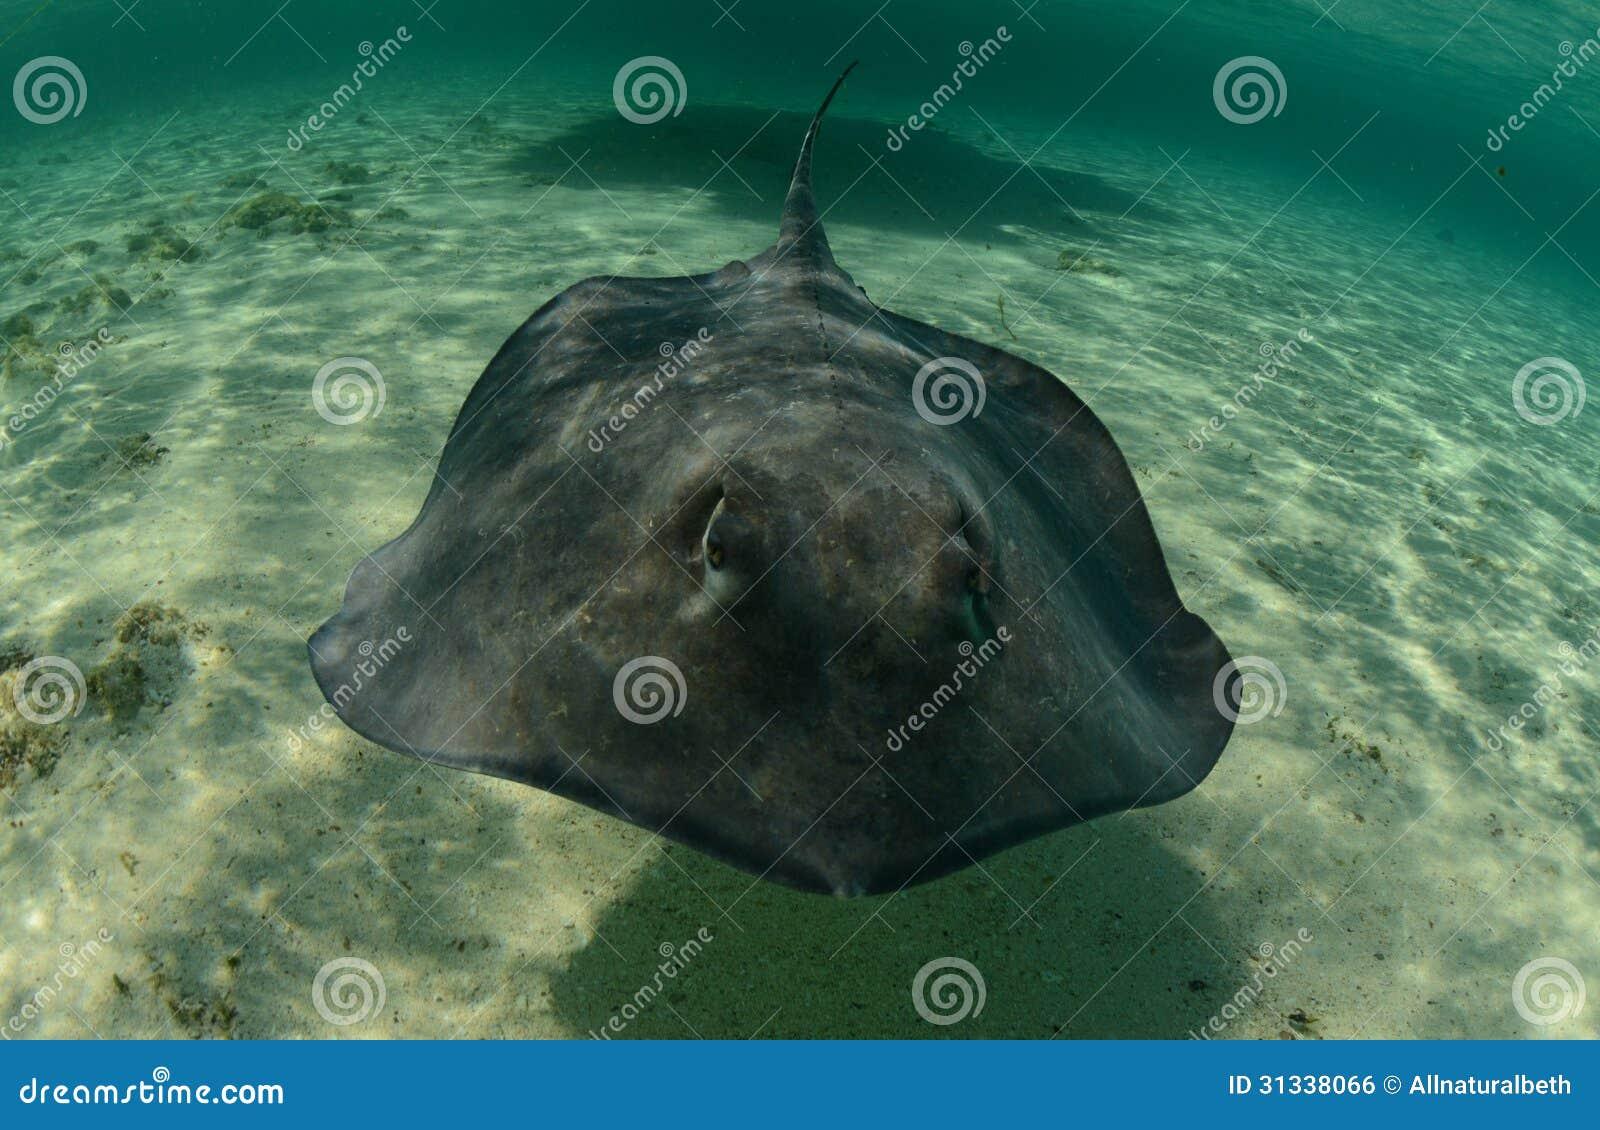 stechrochenschwimmen im ozean unterwasser stockfoto  bild